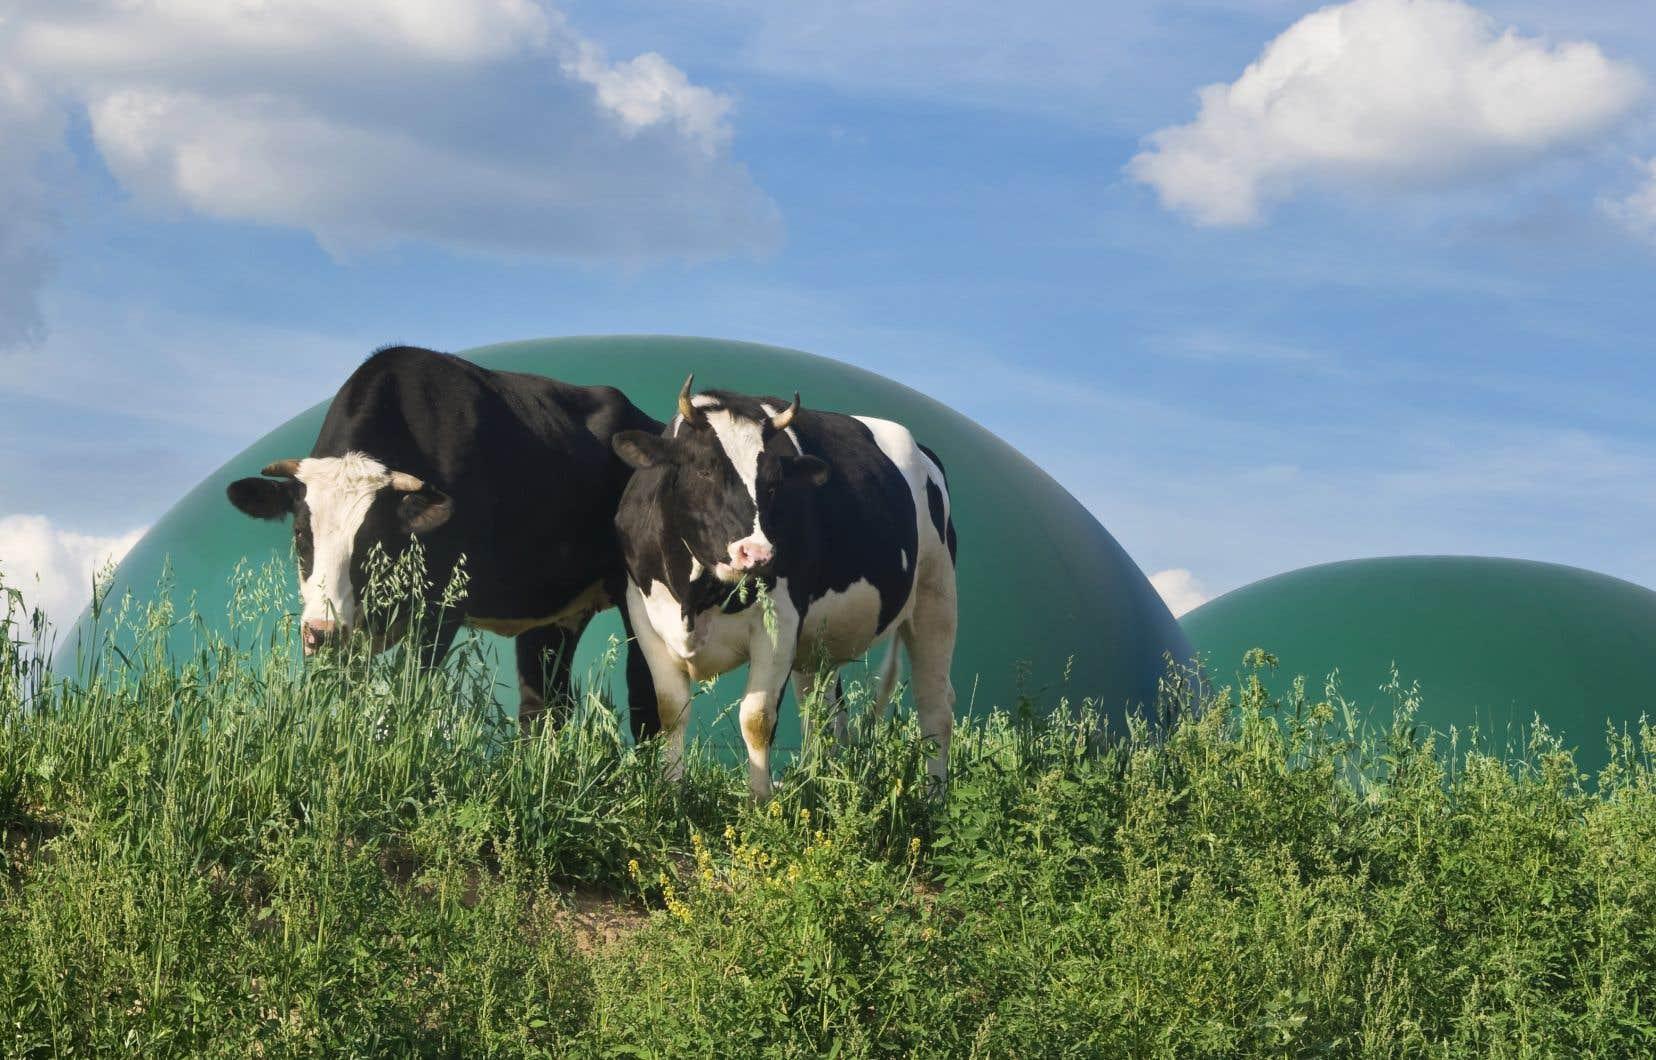 Avec le fonds d'investissement GNR Québec Capital, des partenaires, notamment du milieu agricole ou municipal, pourront avoir accès au capital et à l'expertise nécessaire leur permettant de développer et d'exploiter des installations de traitement des déchets organiques.